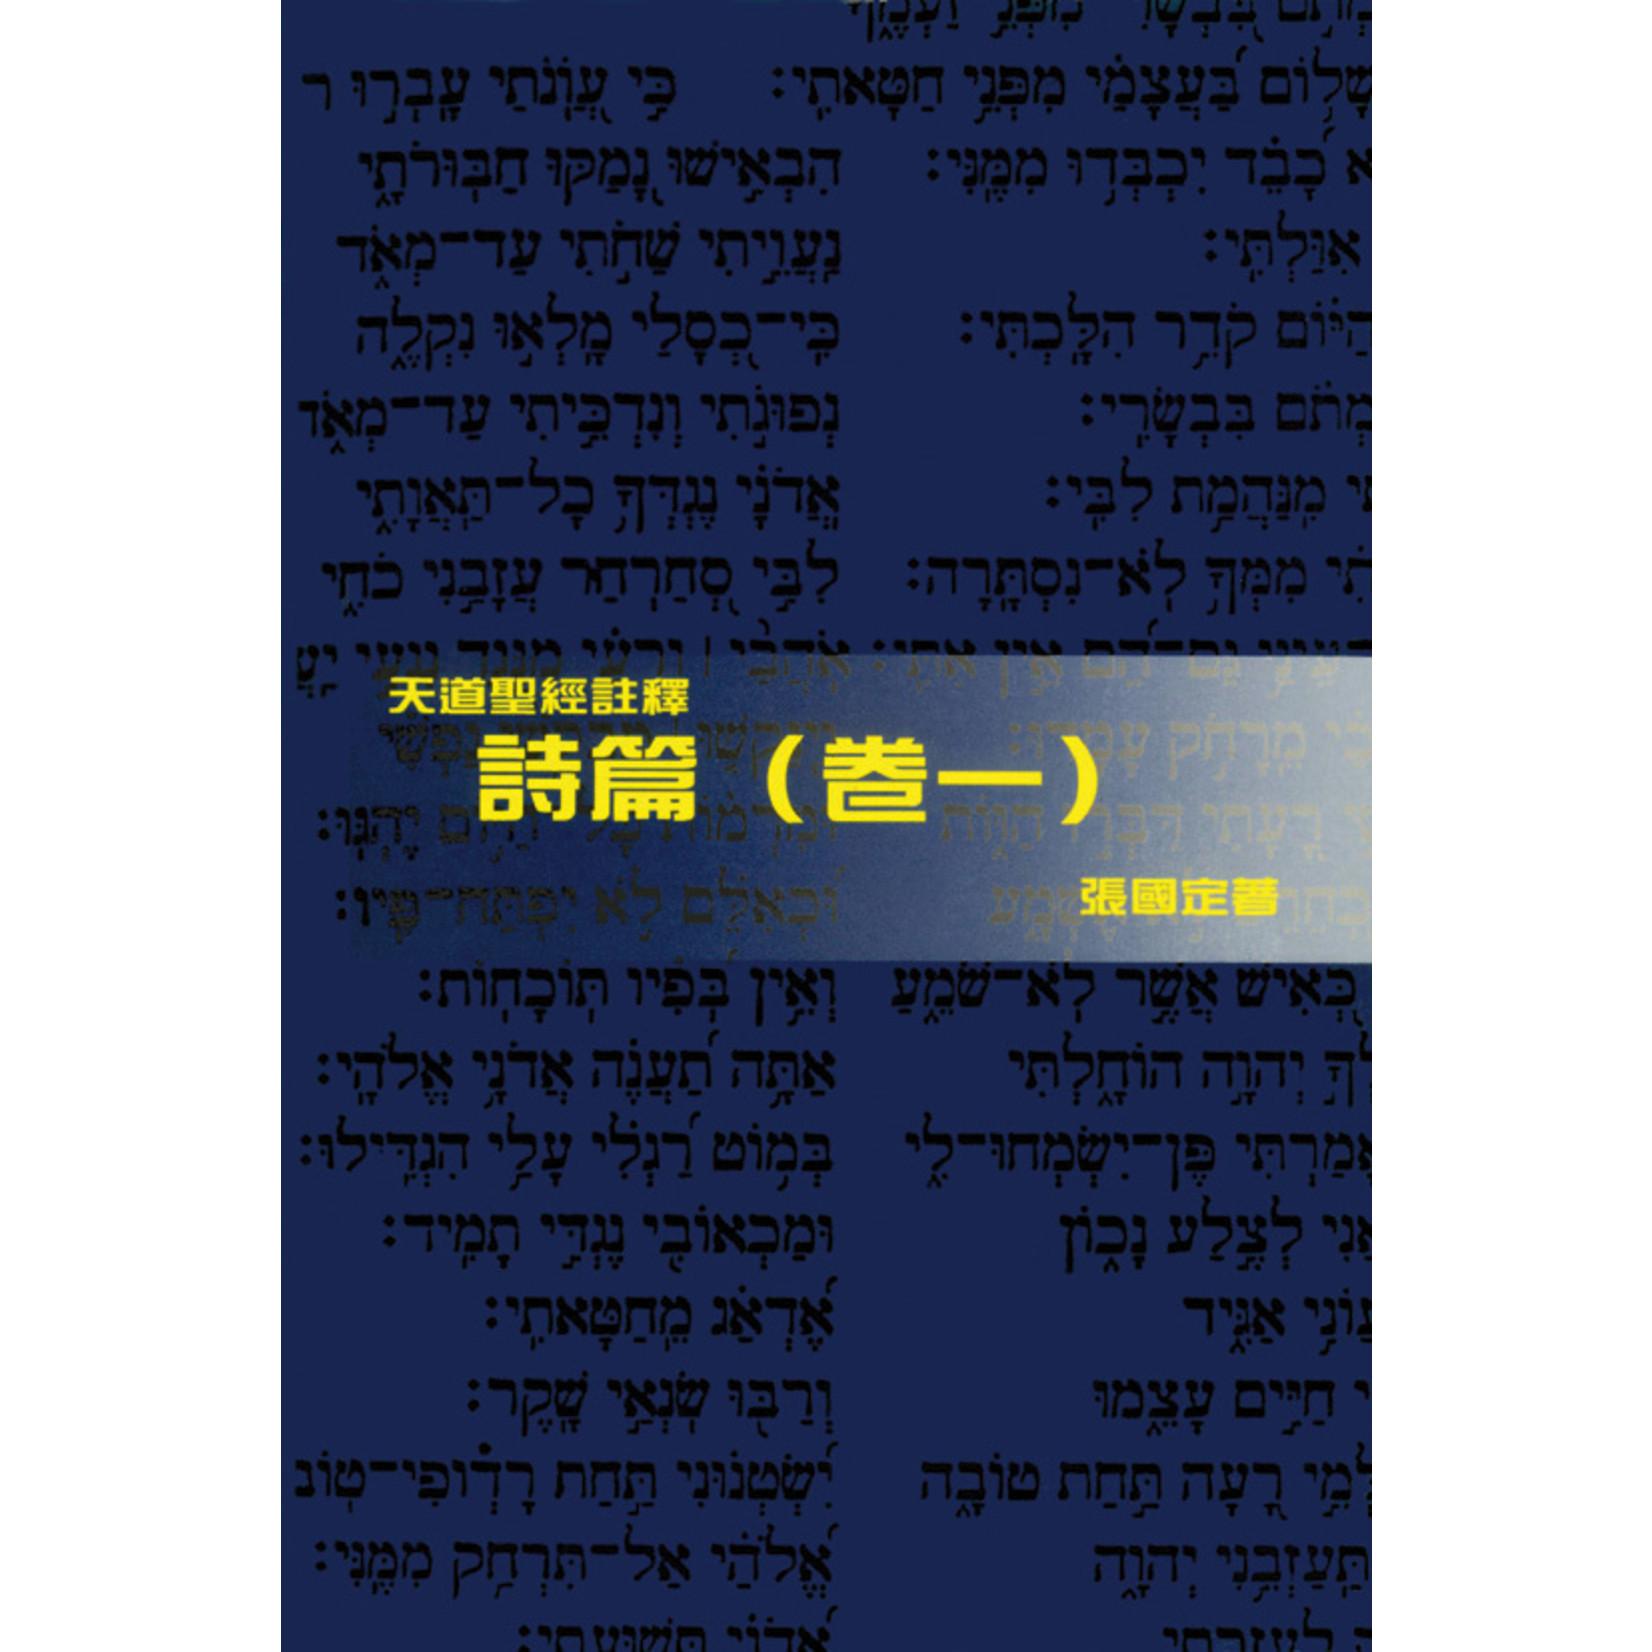 天道書樓 Tien Dao Publishing House 天道聖經註釋:詩篇(卷一)